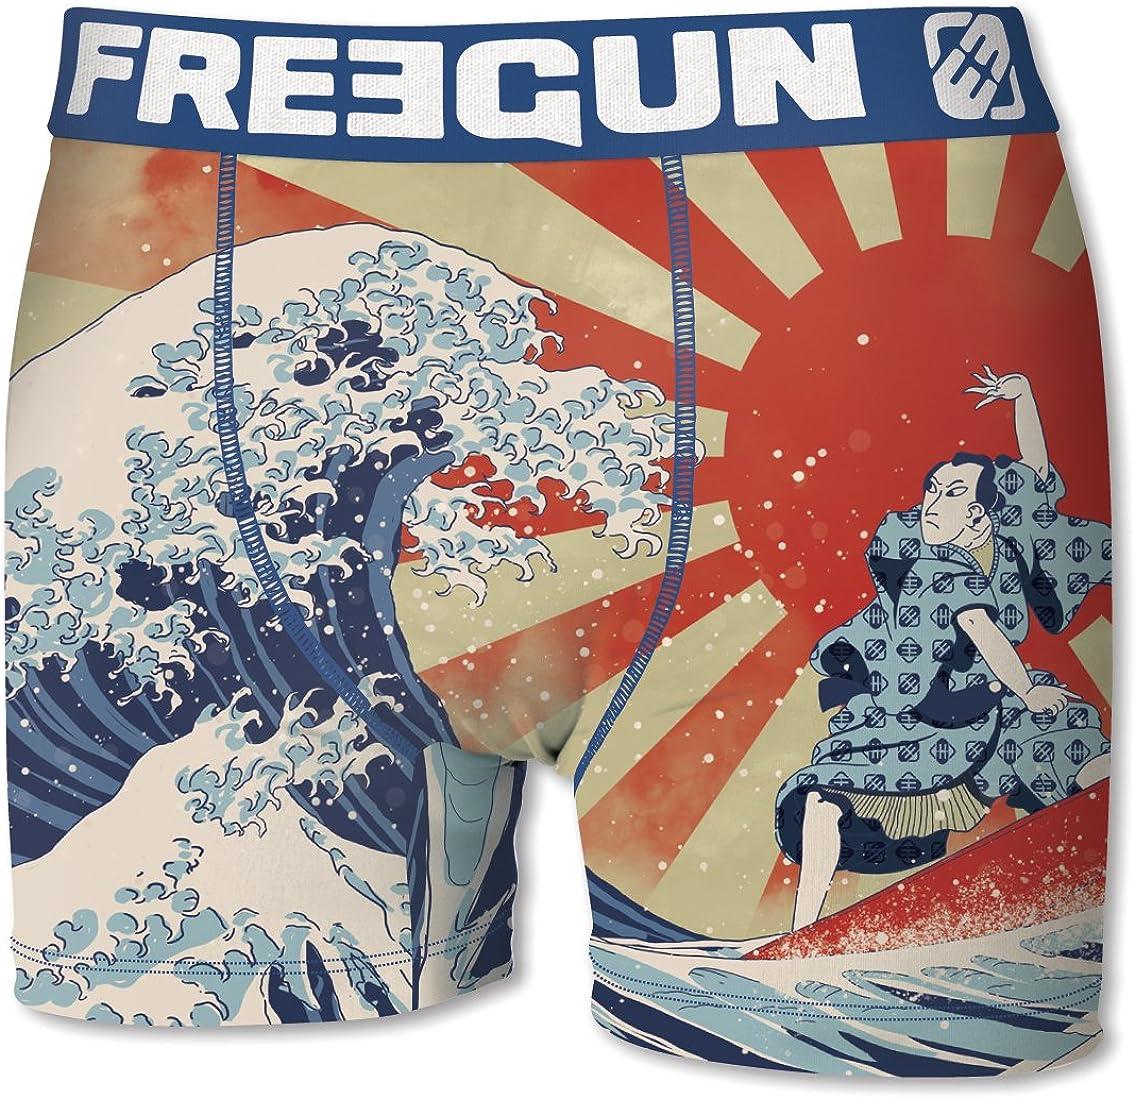 Lote de 6 b/óxers para hombre Freegun